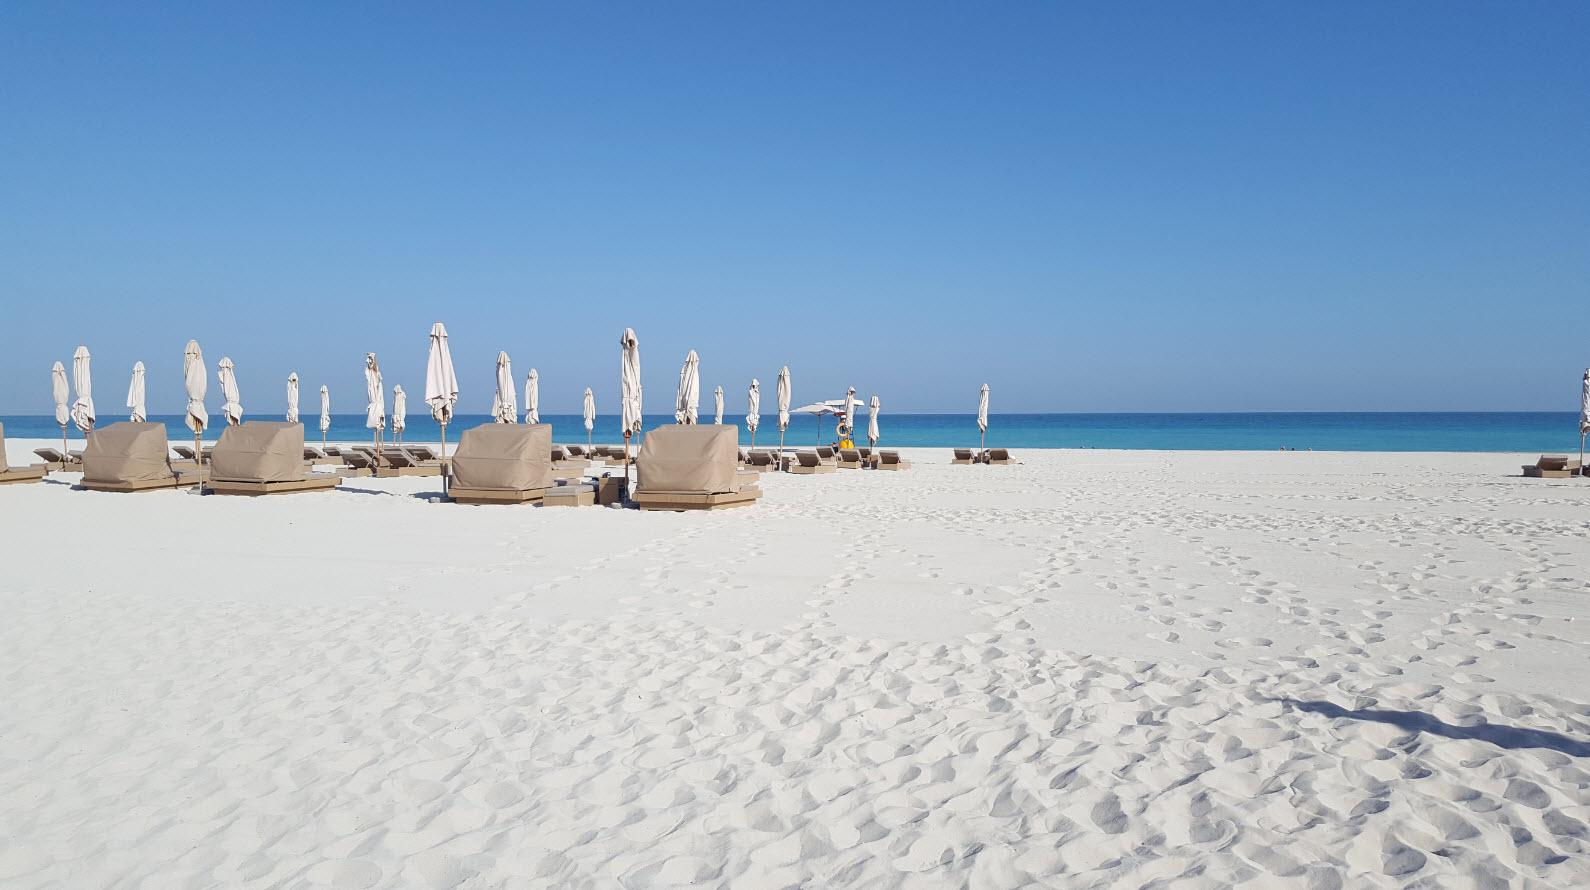 Plage sable blanc et fin